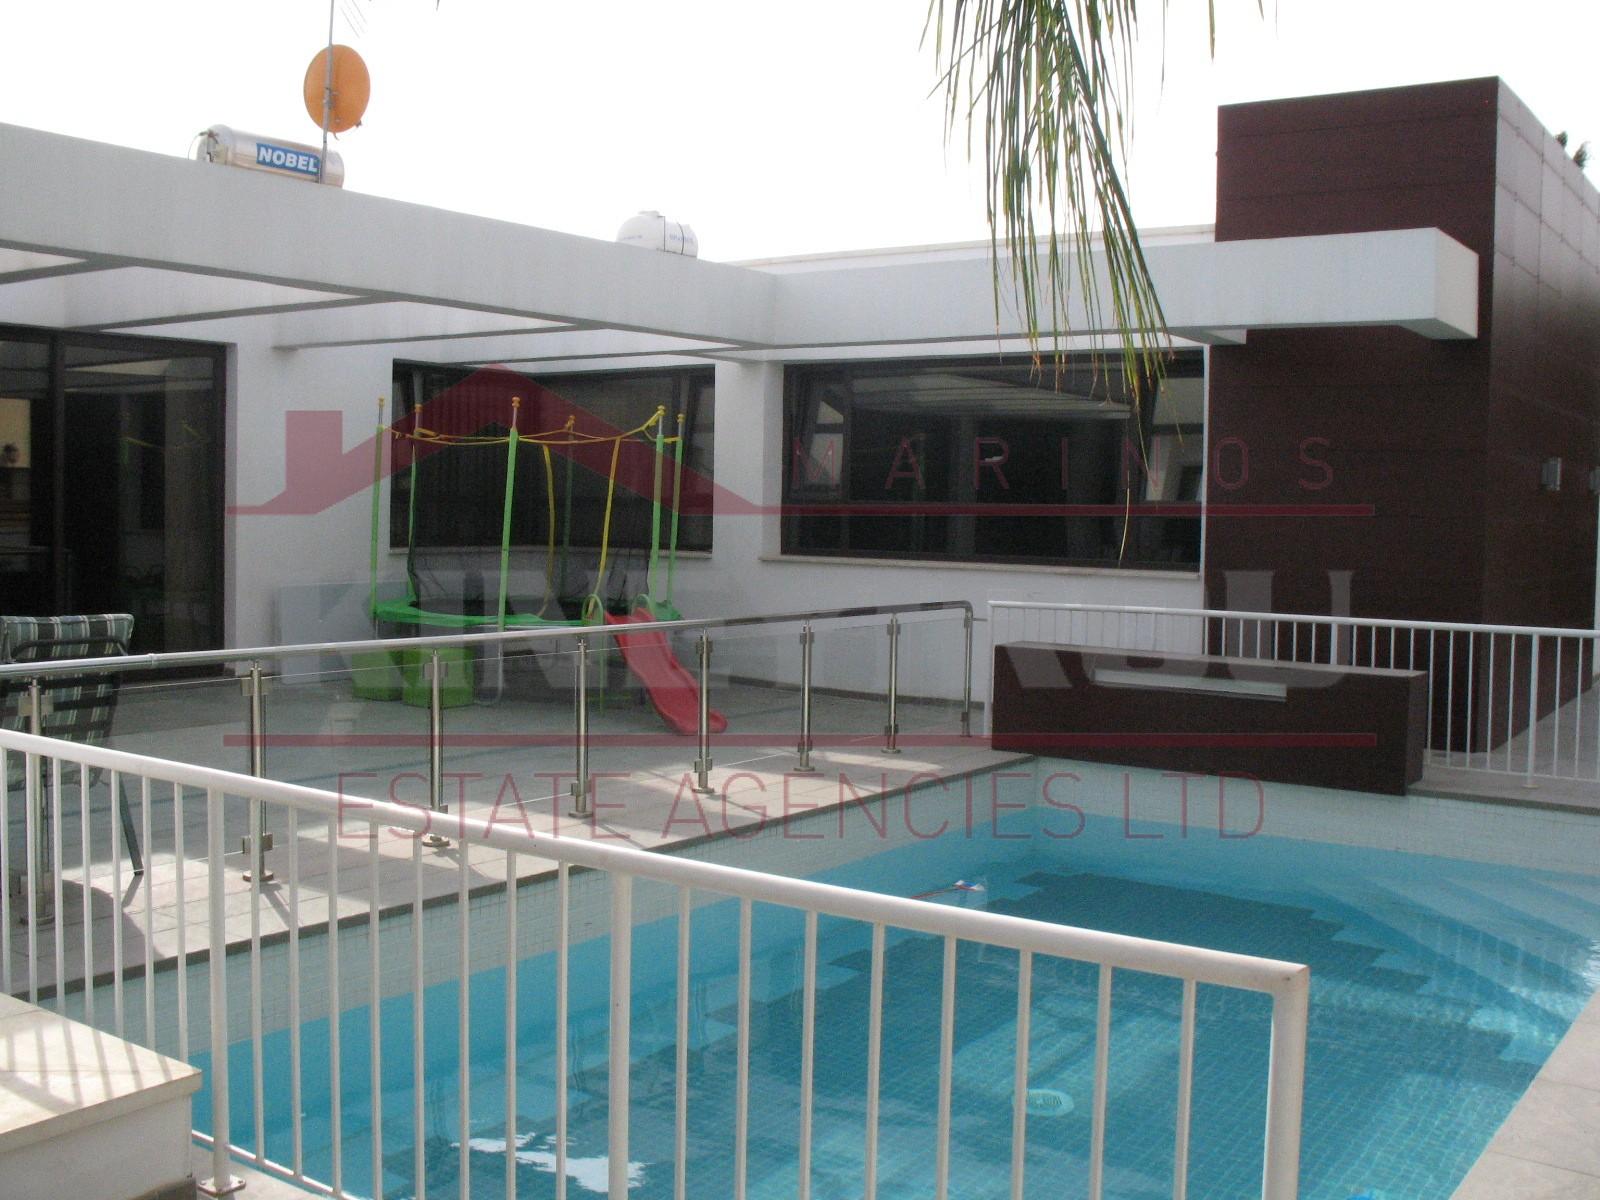 Five Bedroom – Luxury House For Rent in Vergina, Larnaca